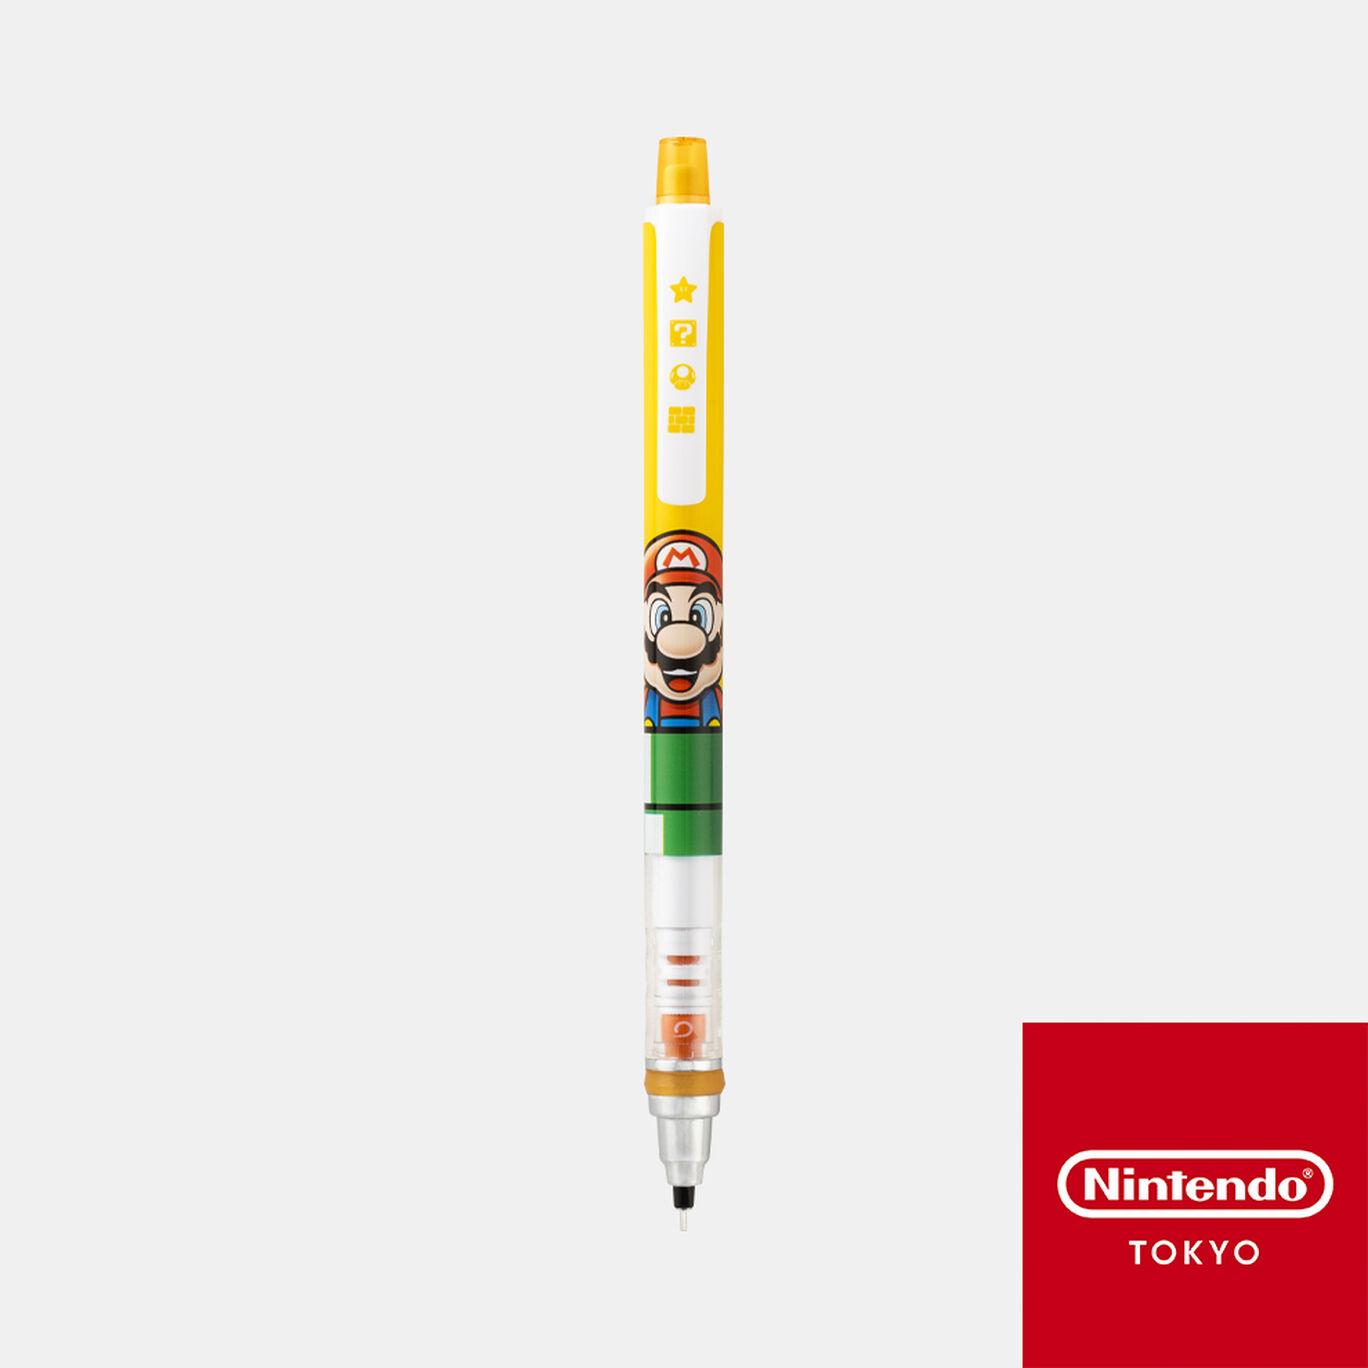 クルトガ スーパーマリオ【Nintendo TOKYO取り扱い商品】